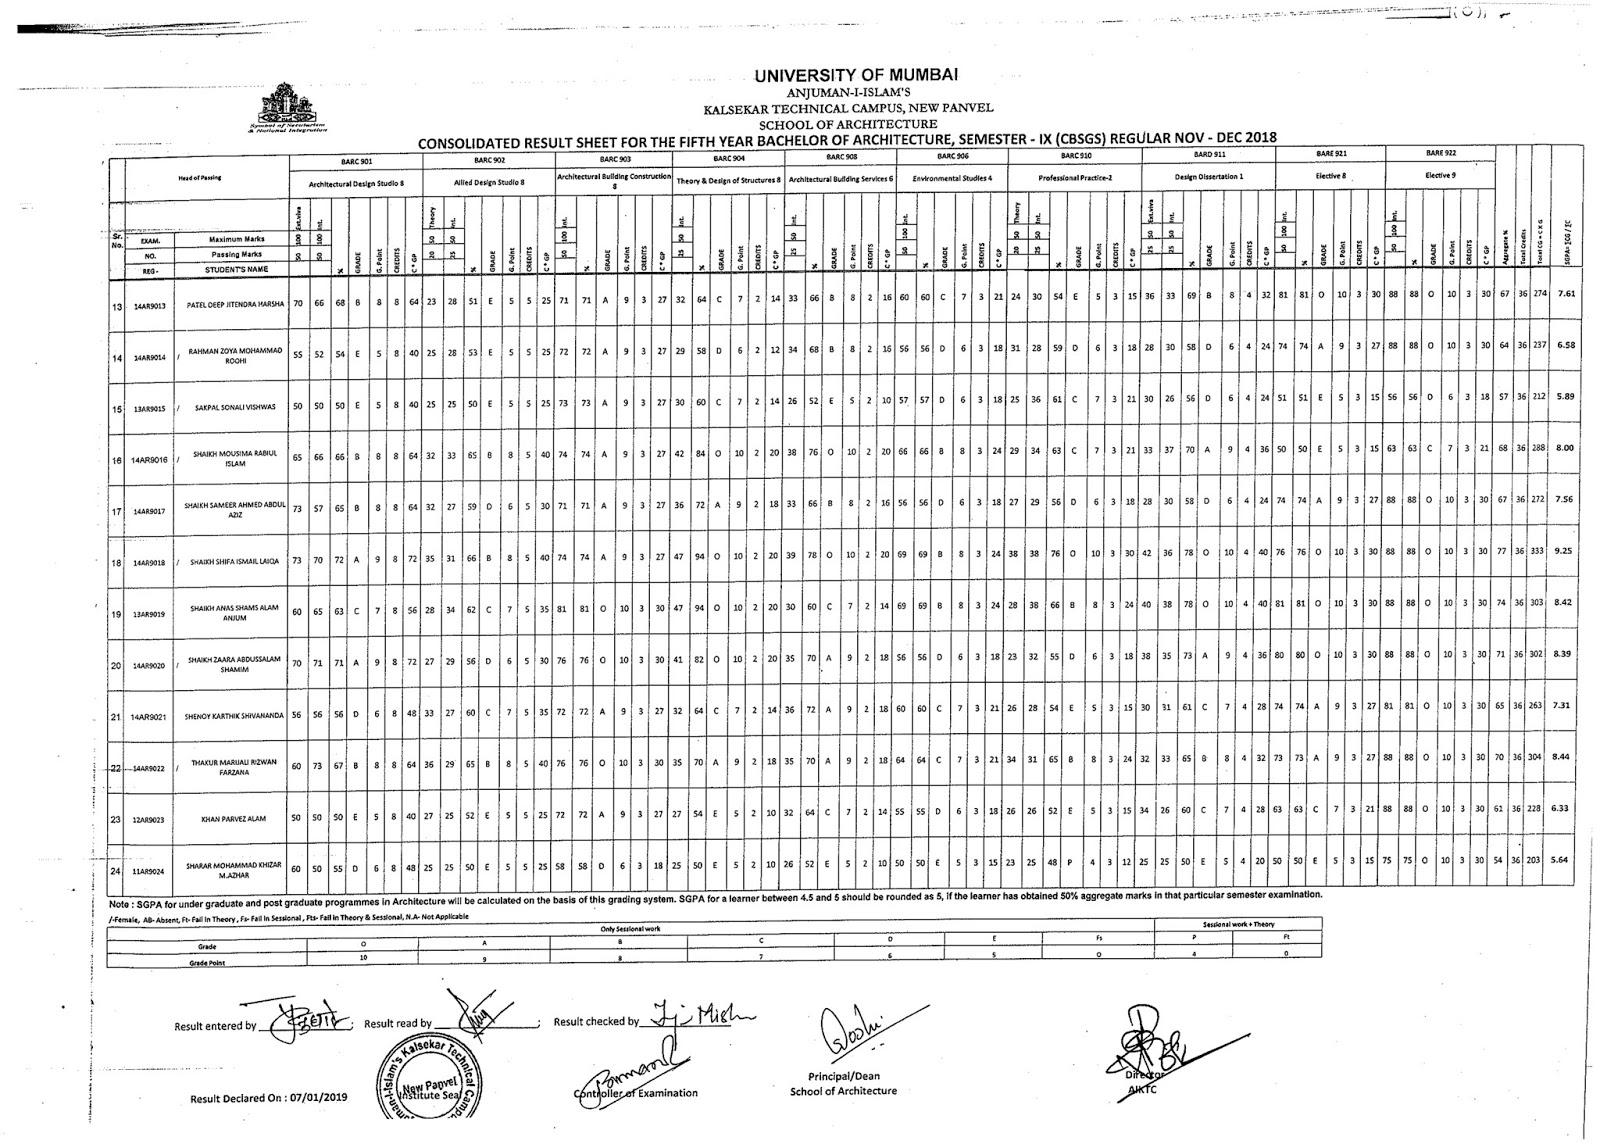 EXAM-CELL NOTICE BOARD: RESULTS-SOA-SEM-II,III, IV,V,VII